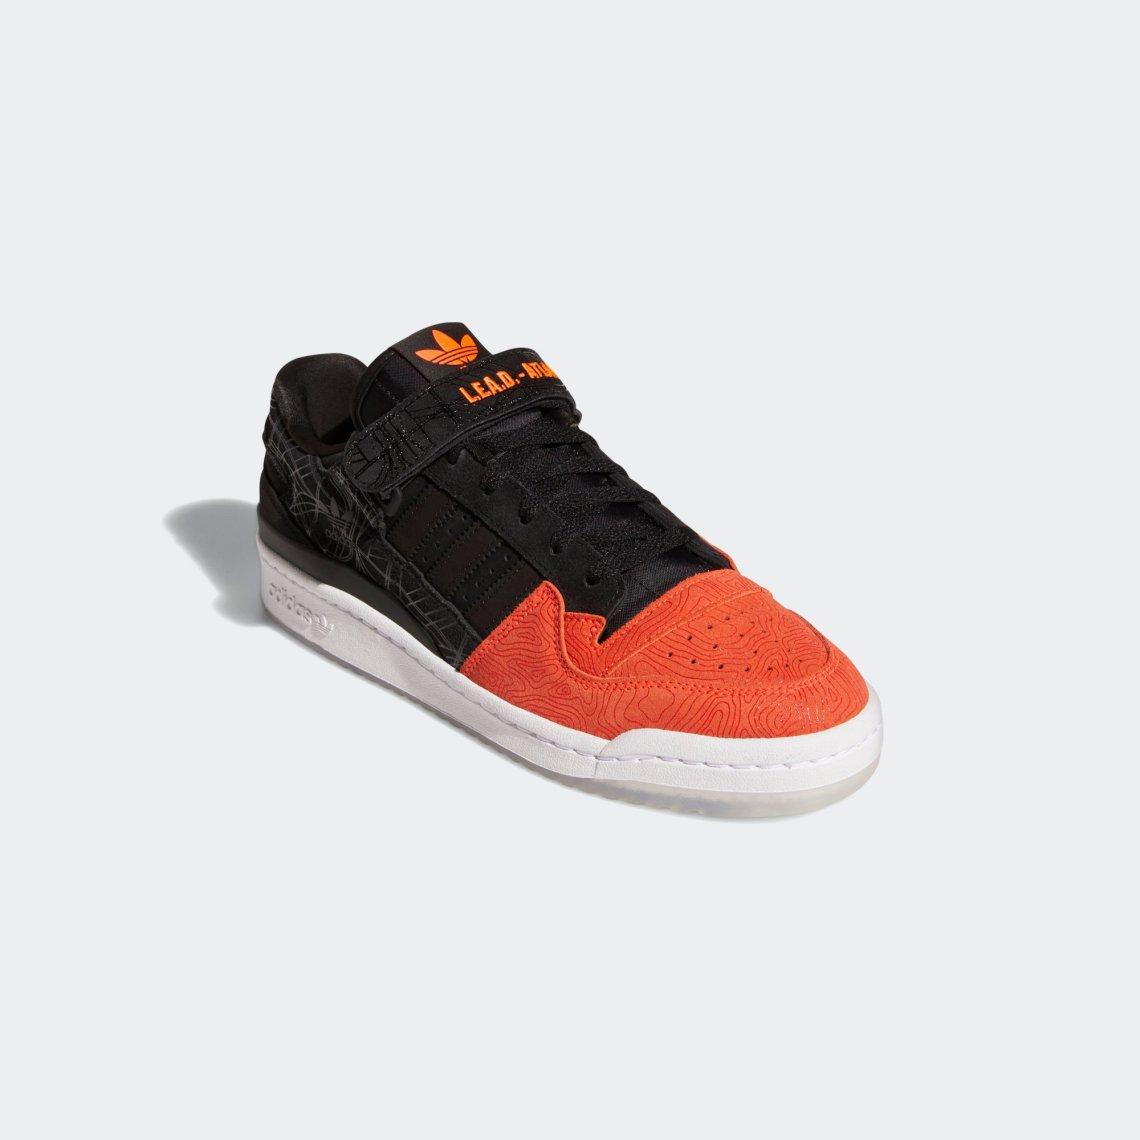 adidas forum lo l e a d atlanta core black core black vivid red GZ6604 5